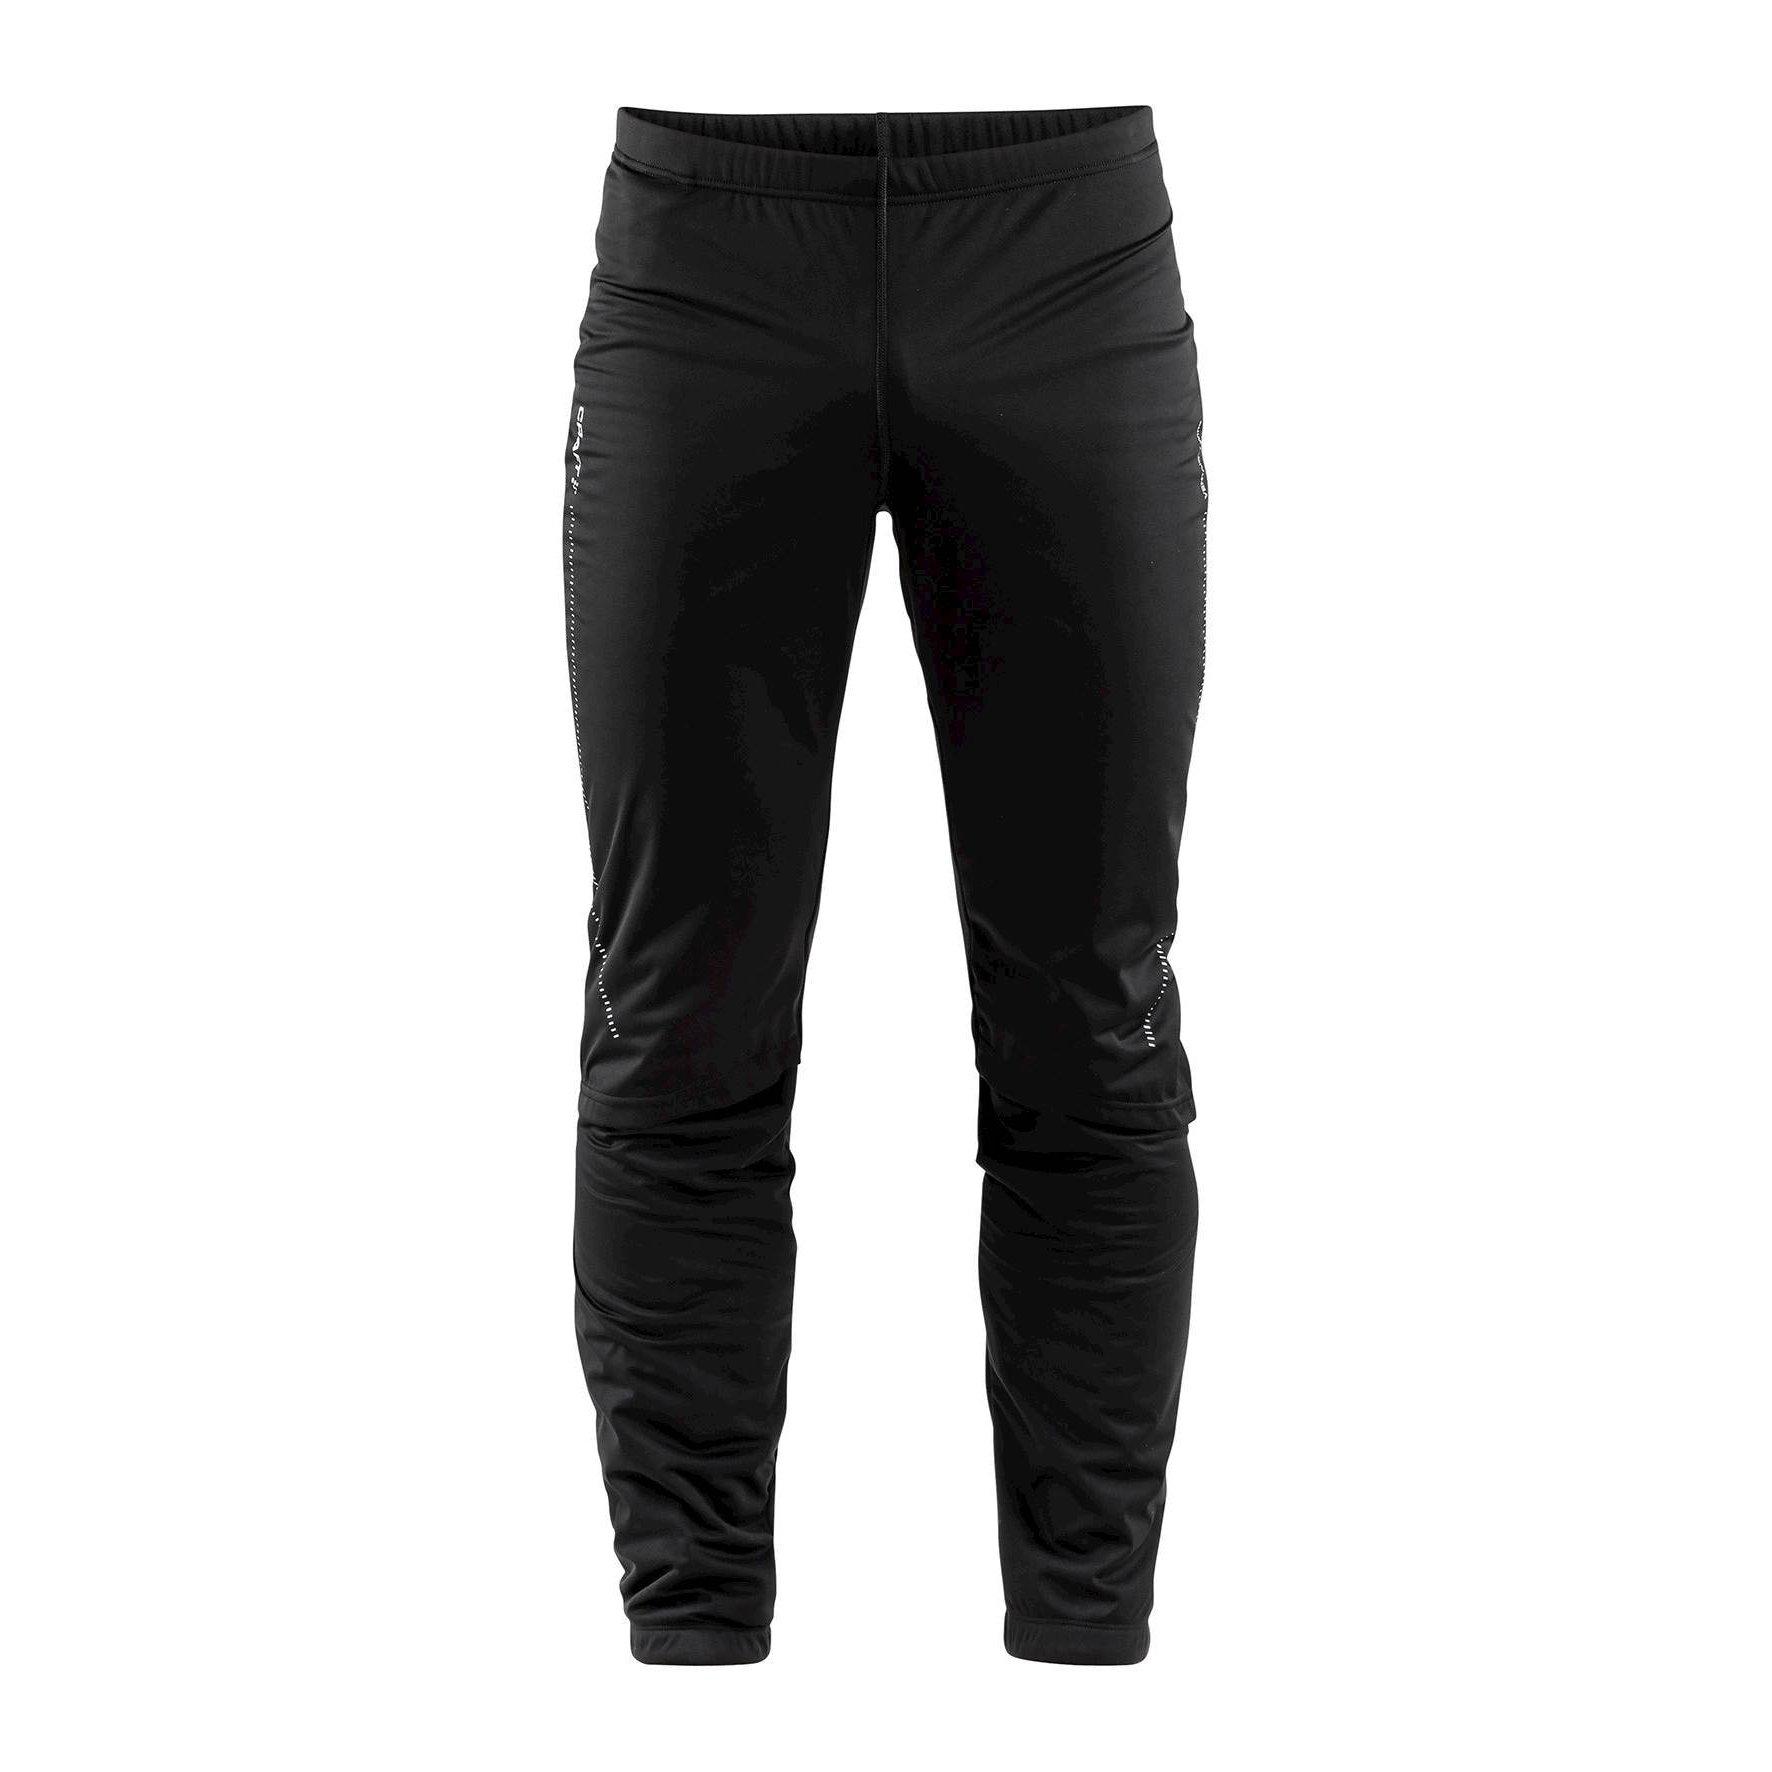 Běžkařské kalhoty - Actisport.cz c2c8da8b61